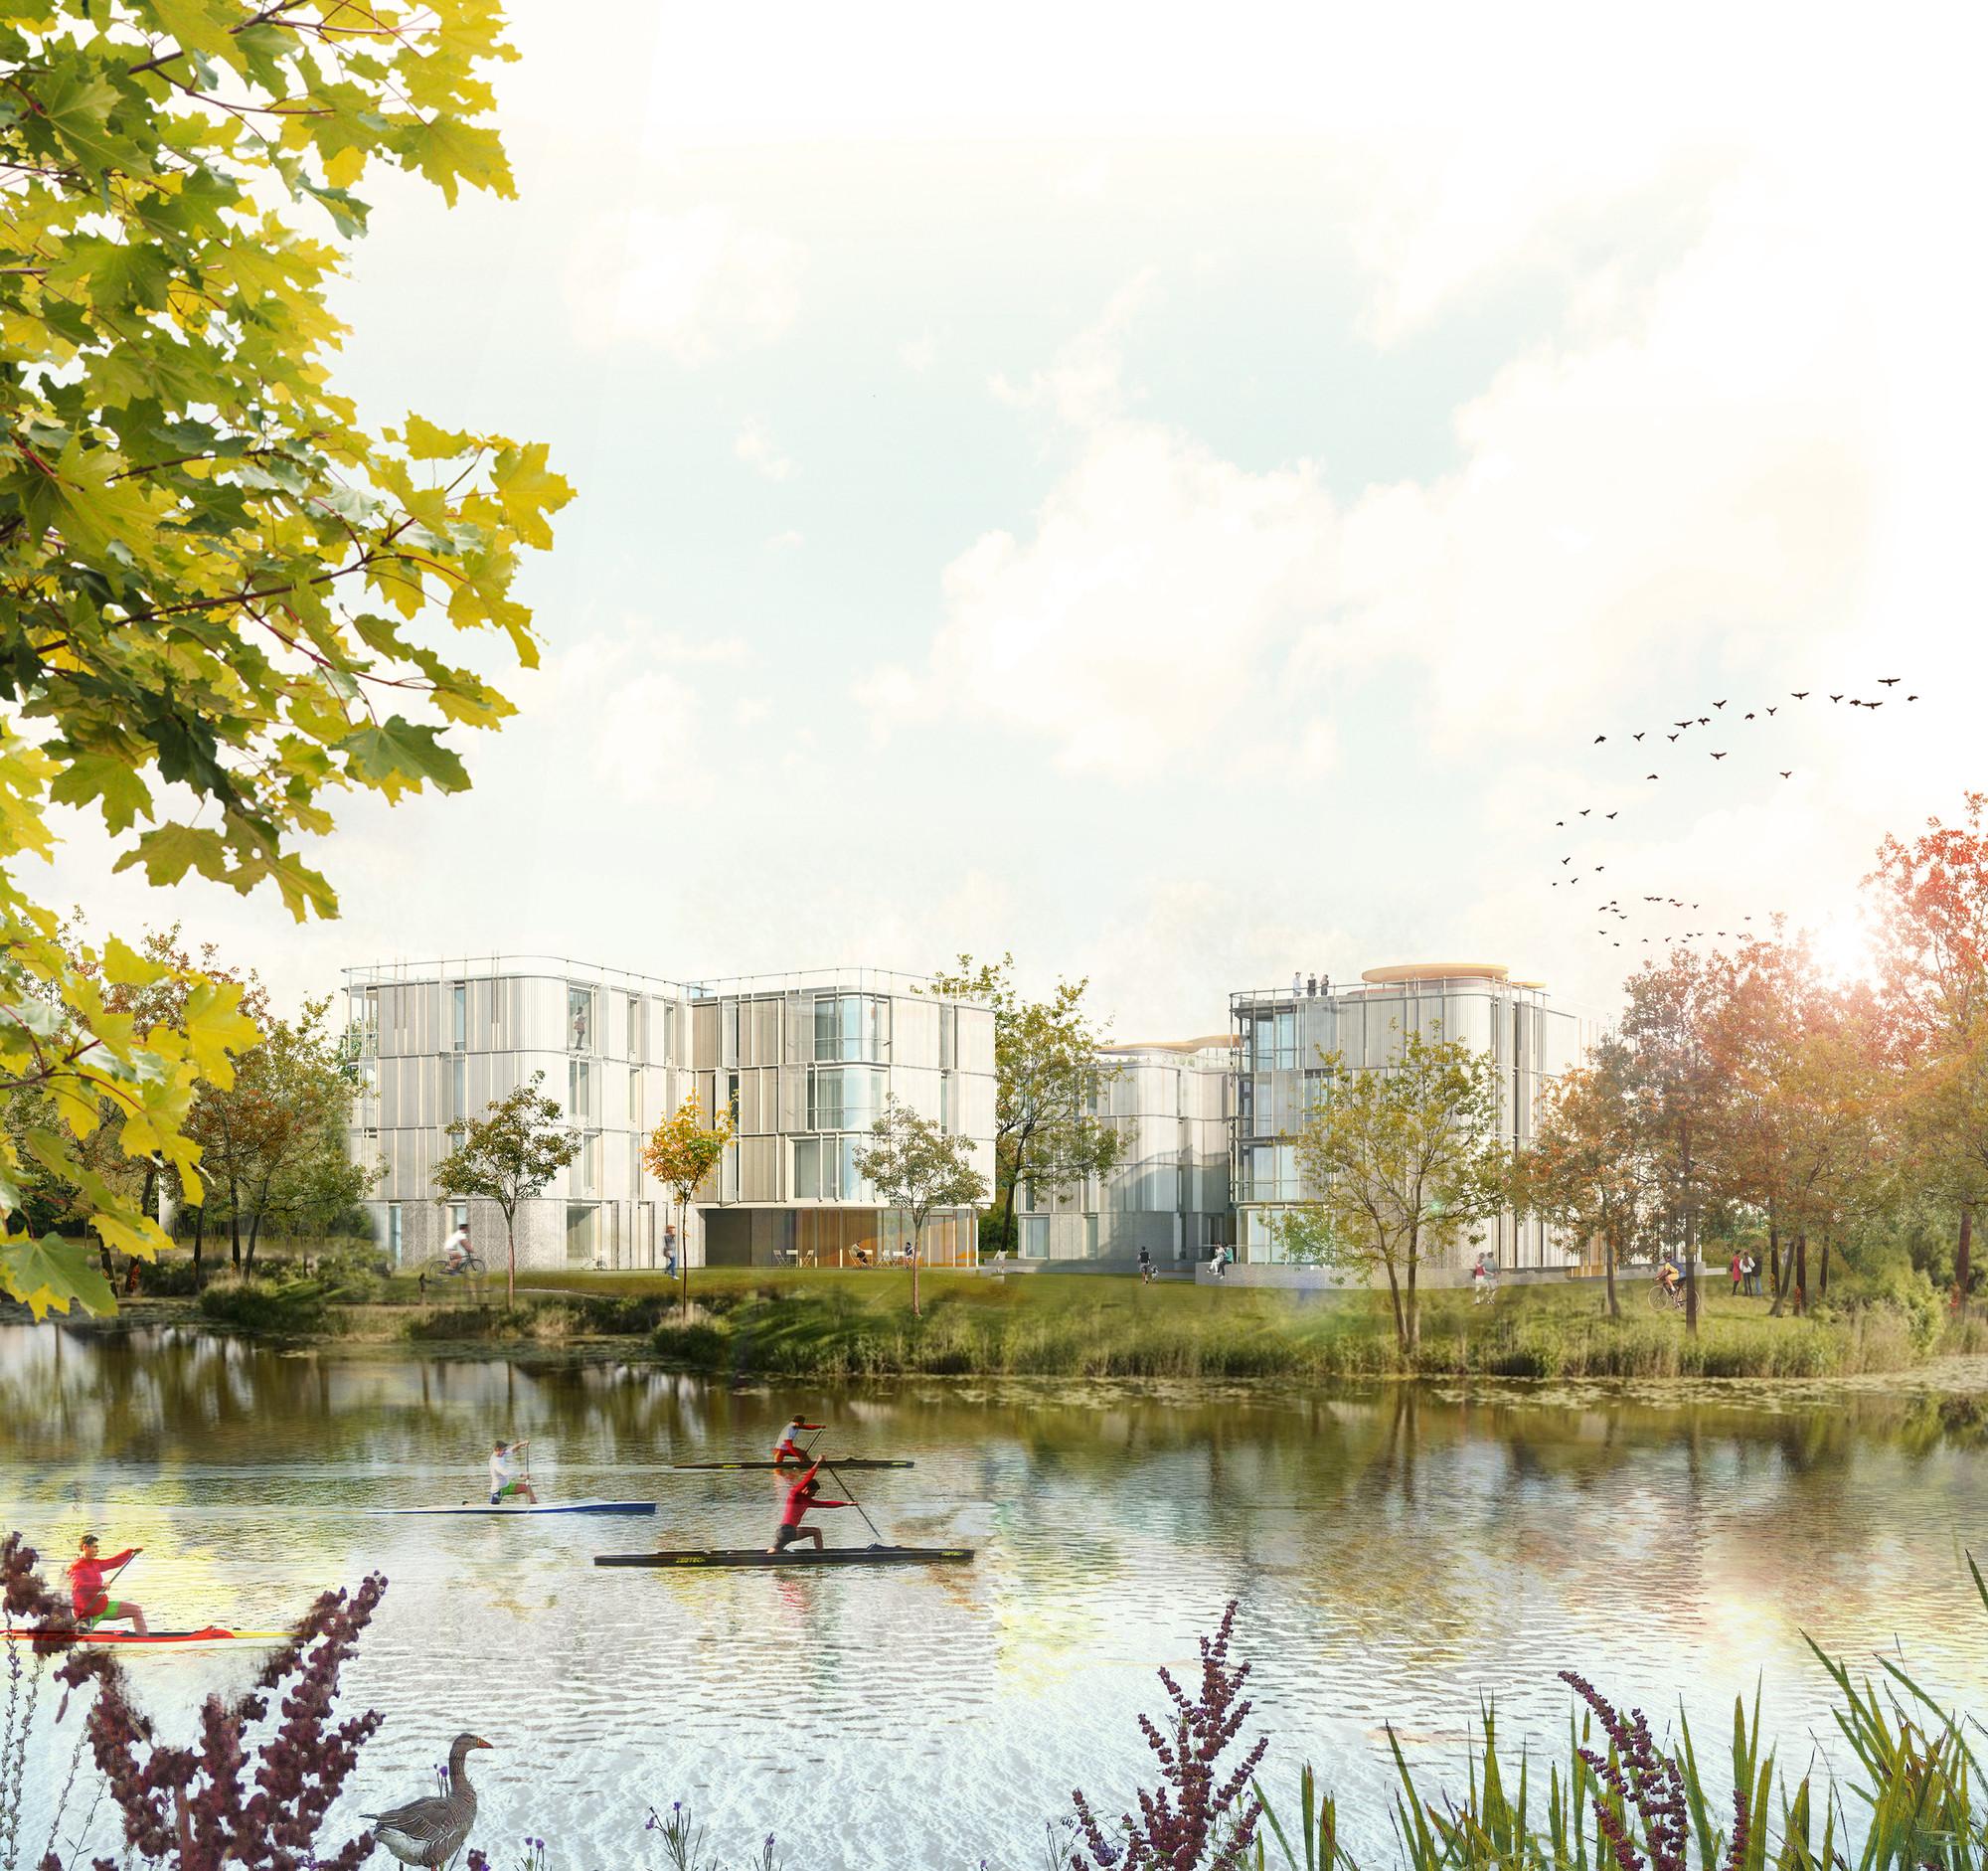 Primer Lugar en Concurso de viviendas y espacio verde público / Aarau, Suiza, Cortesia de amann-canovas-maruri + Adelino Magalhaes